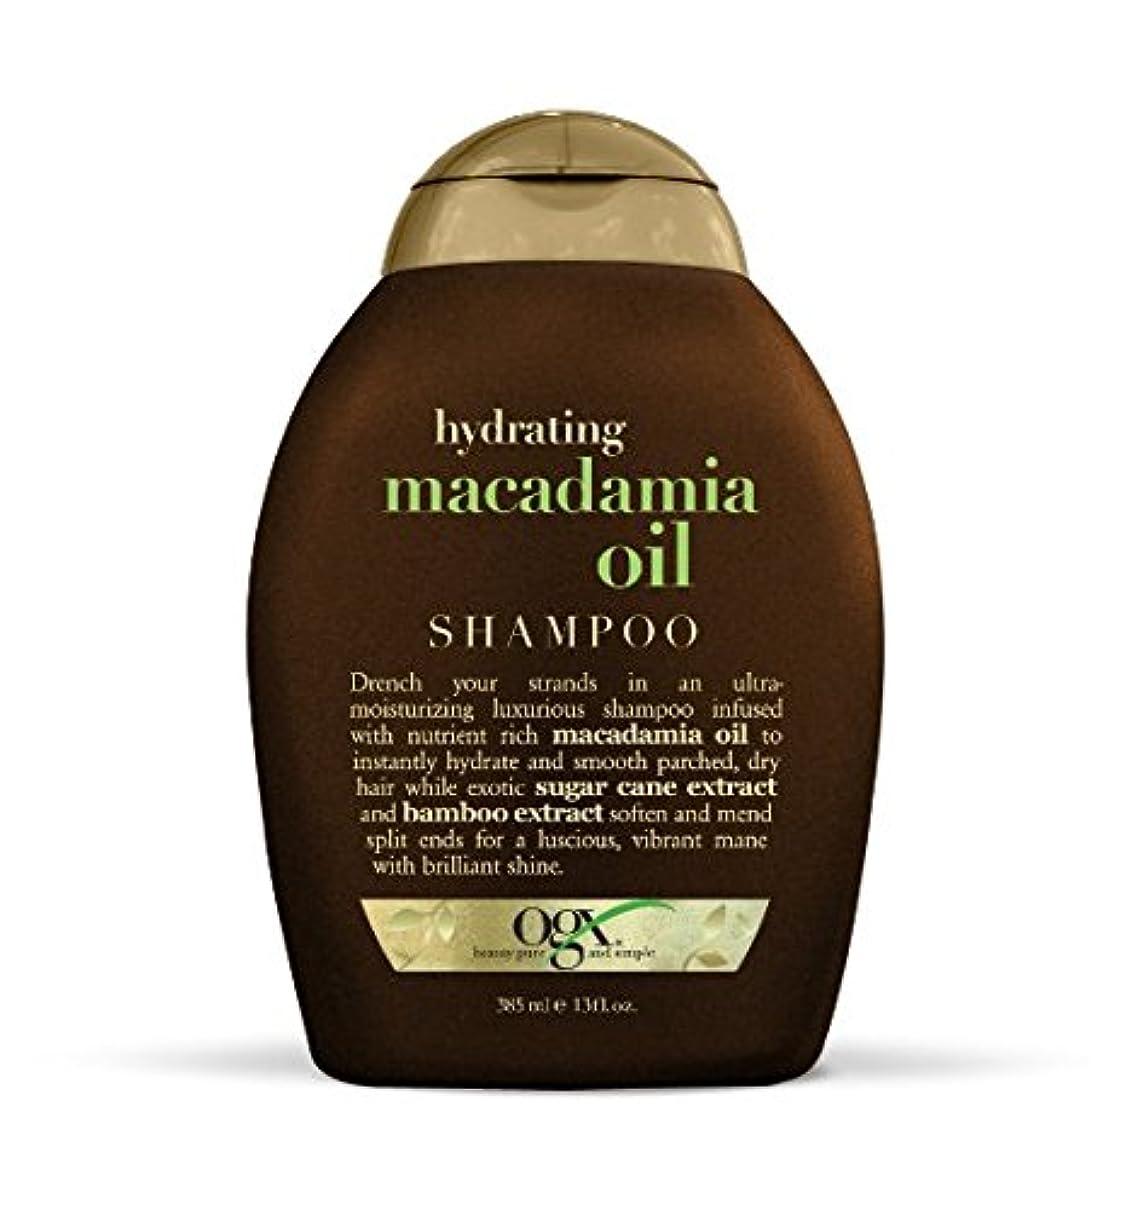 バッチ西部槍OGX Sulfate Free Hydrating Macadamia Oil Shampoo 360ml ハイドレイティングマカダミアオイルシャンプー [並行輸入品]